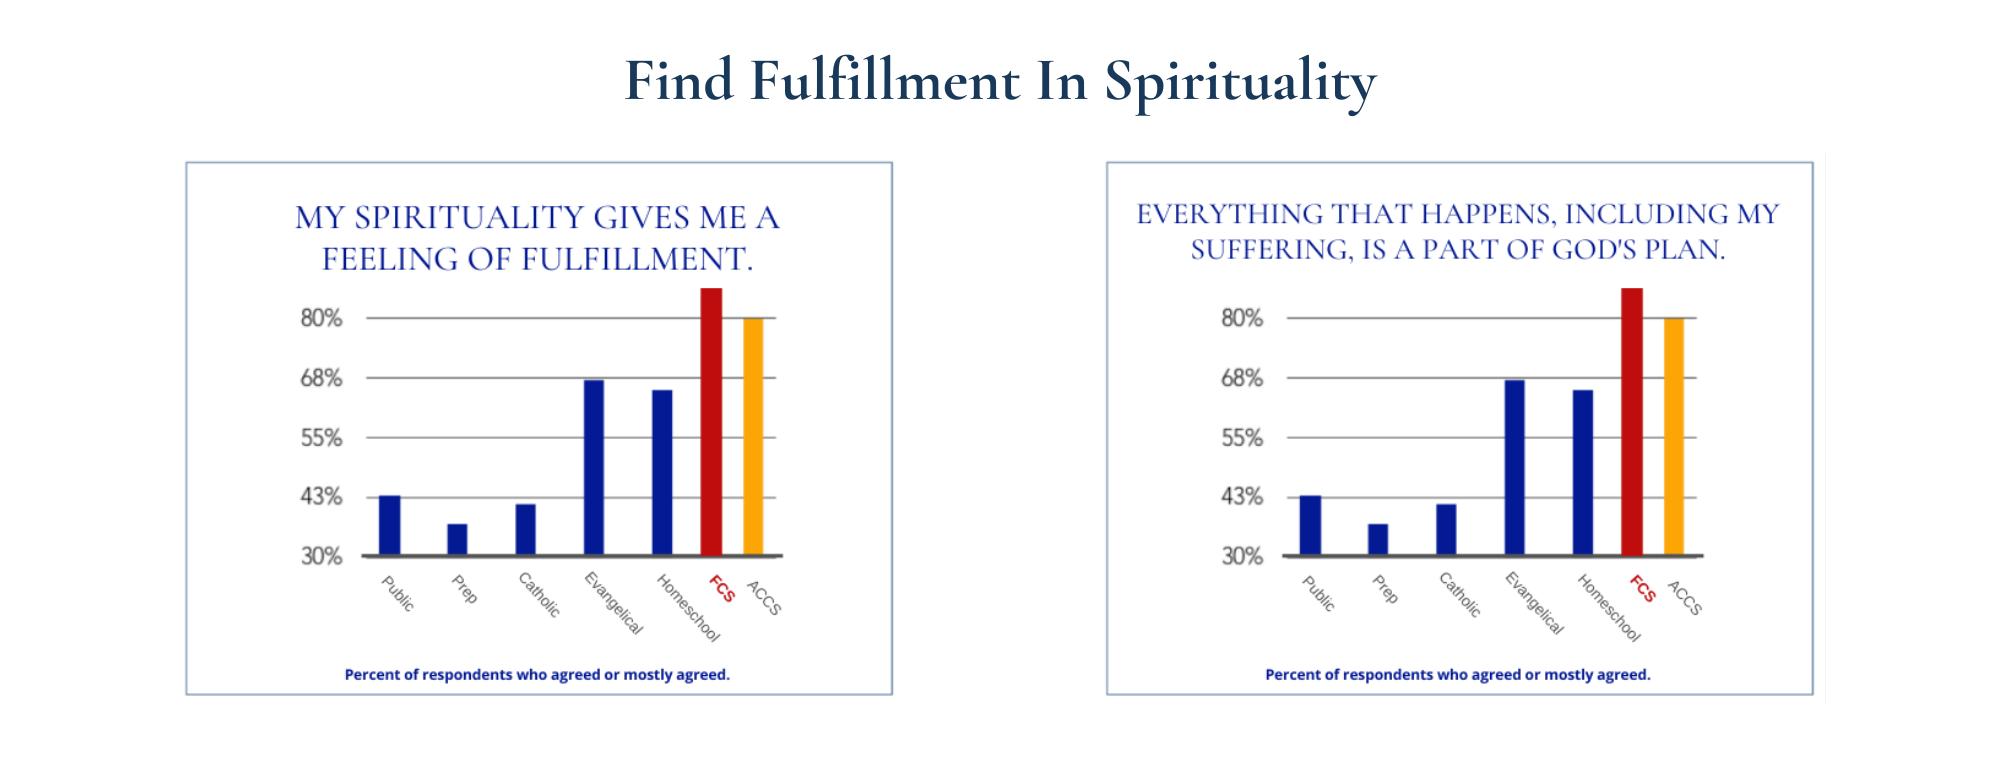 Find Fulfillment In Spirituality (1)